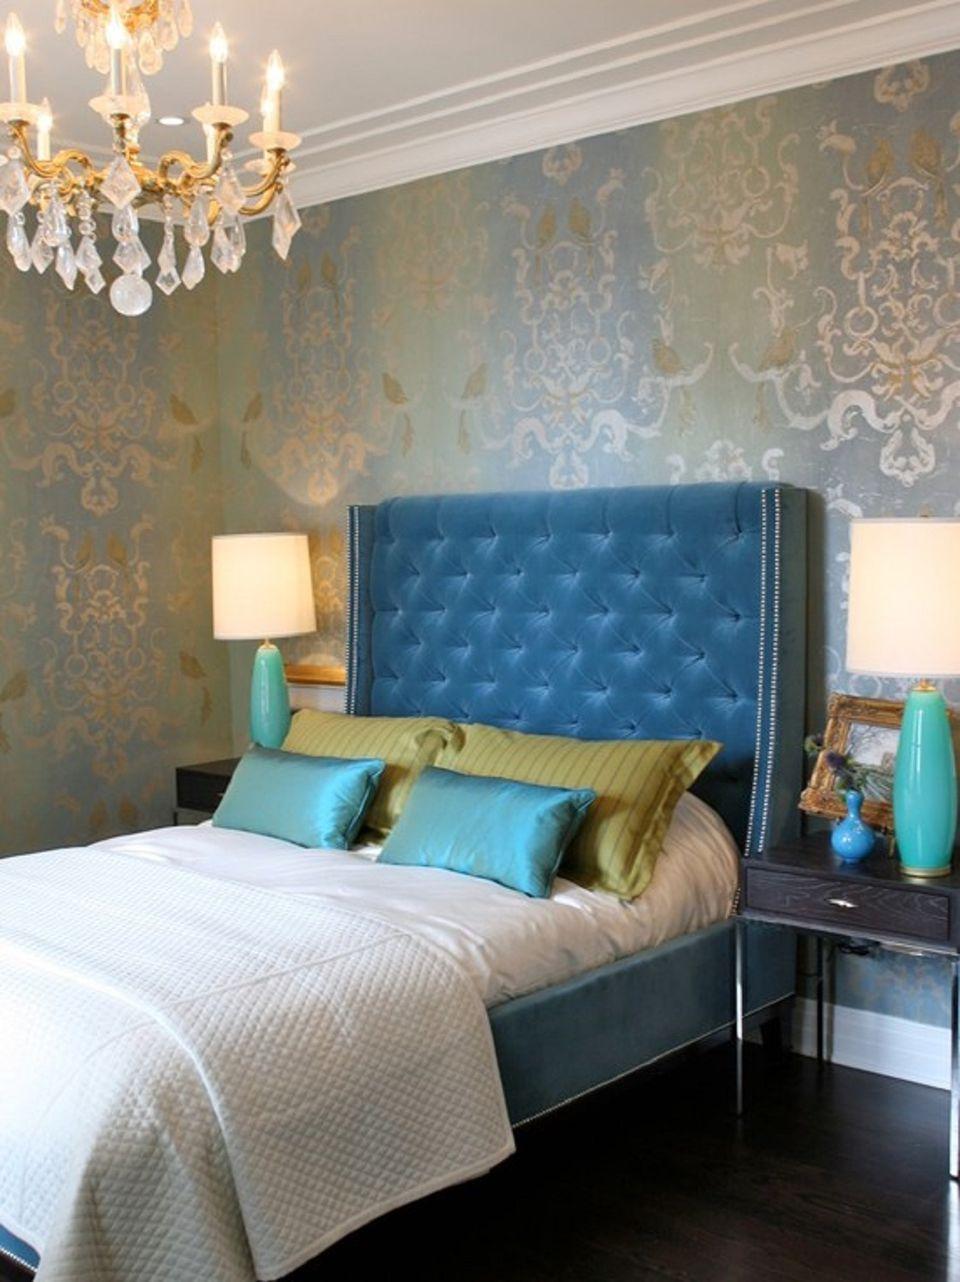 25 stunning blue bedroom ideas on Dark Blue Bedroom Ideas id=32604